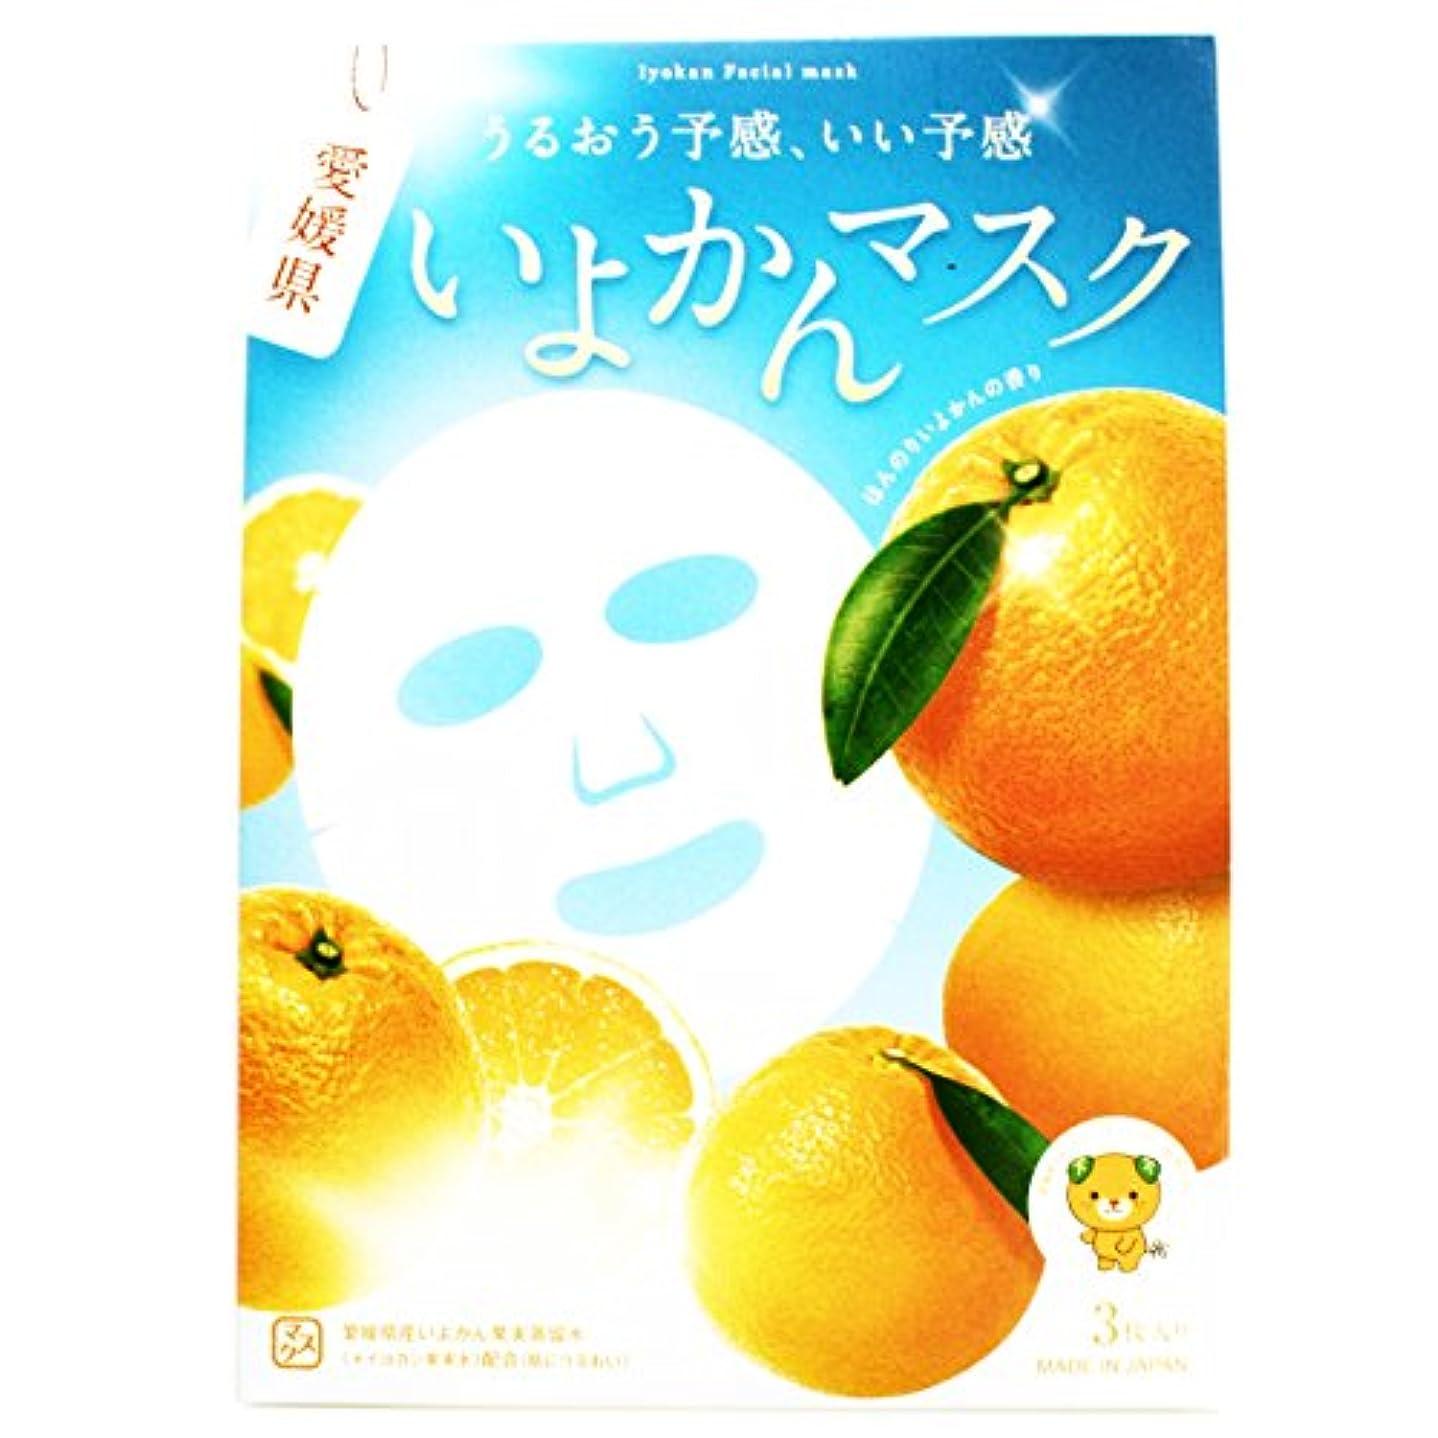 製造業フェッチ埋める愛媛県 いよかんマスク 3枚入り